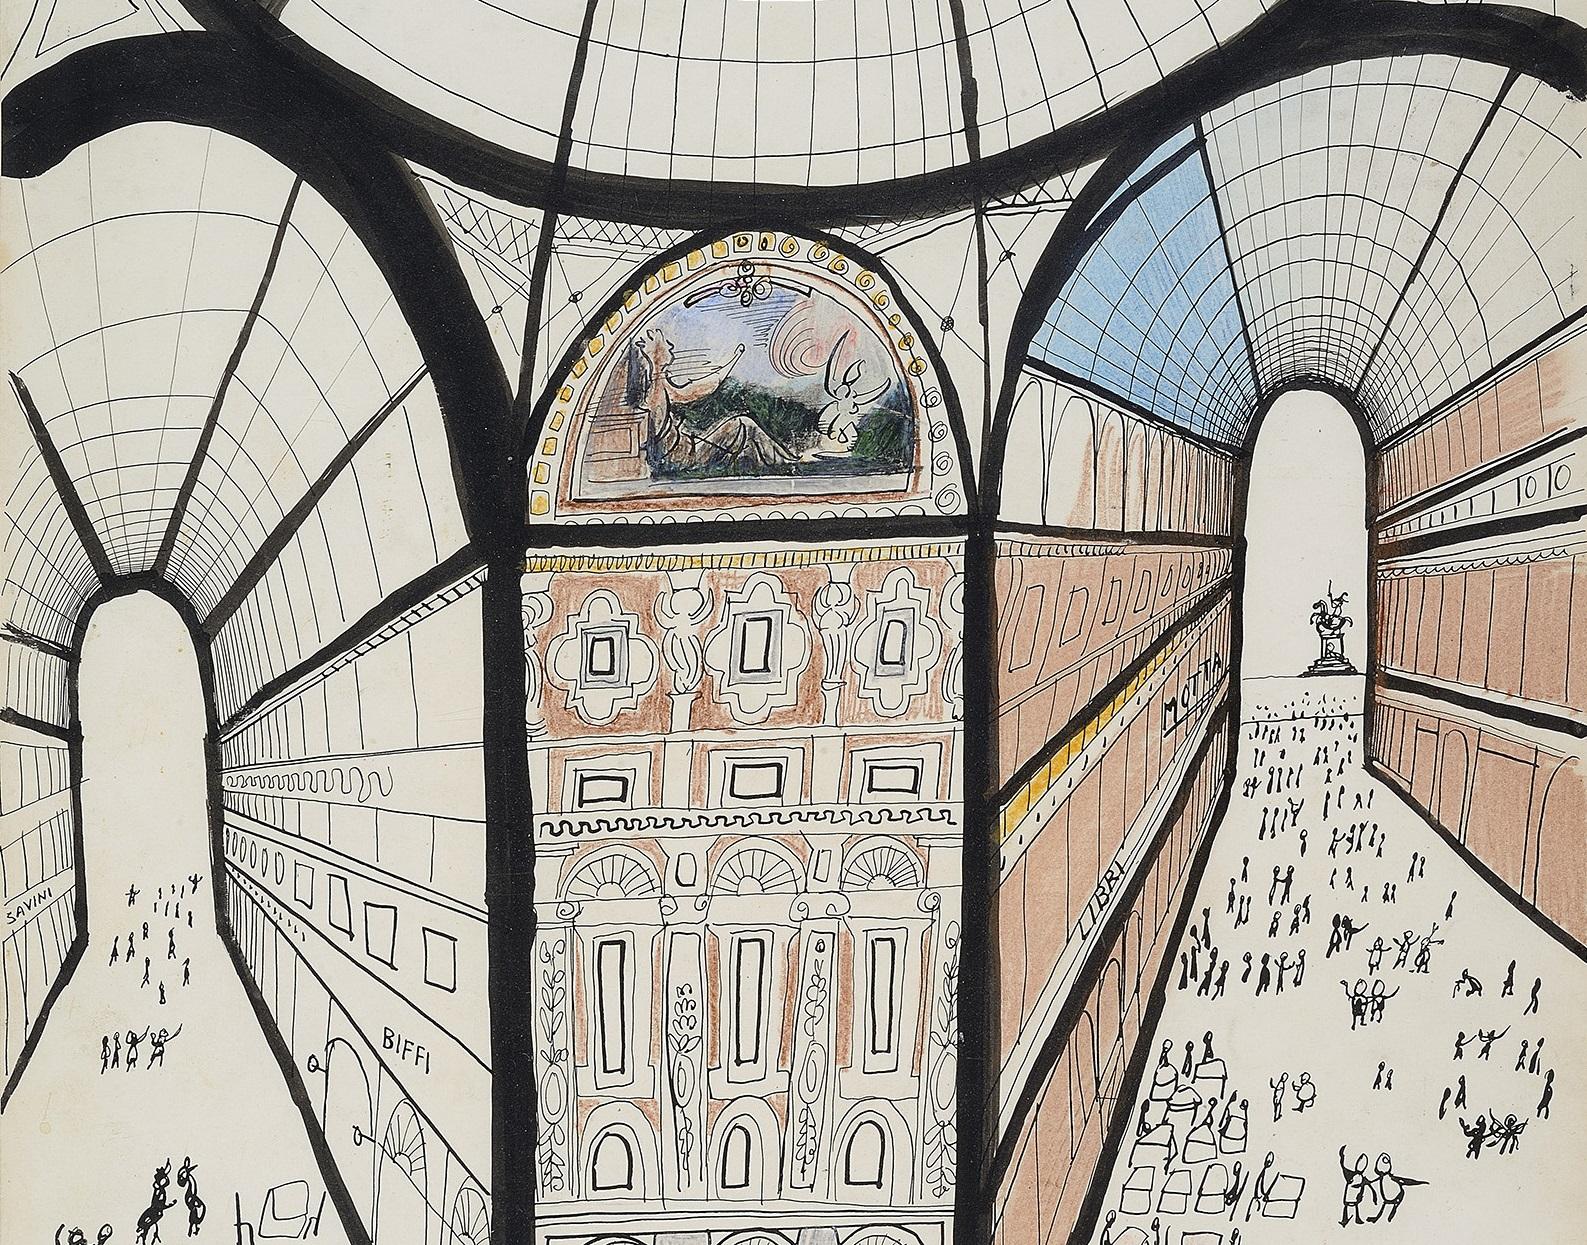 Milano secondo Saul Steinberg: 350 opere per la mostra in Triennale